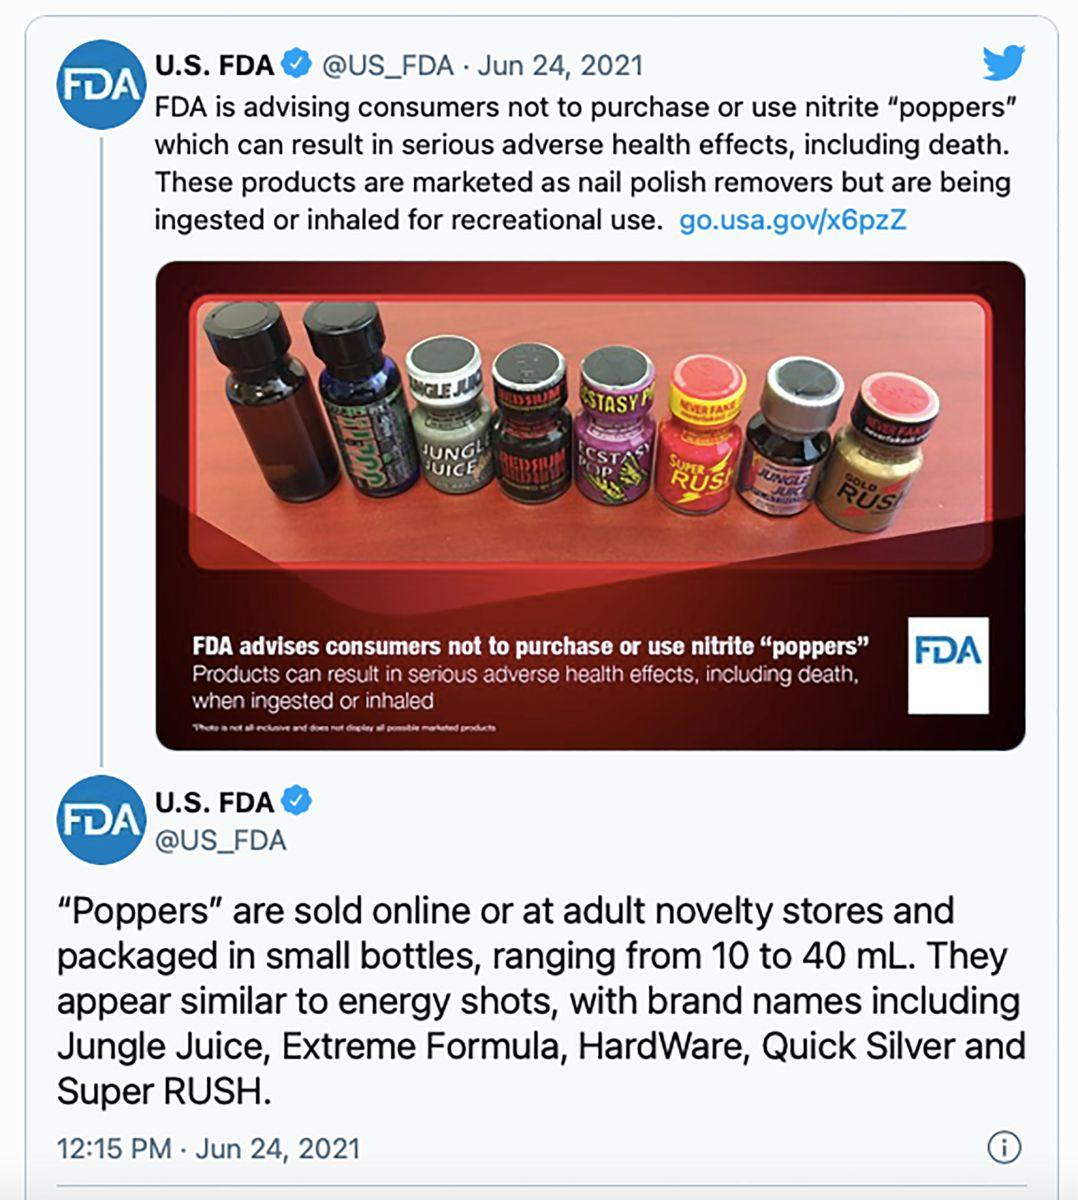 FDA poppers